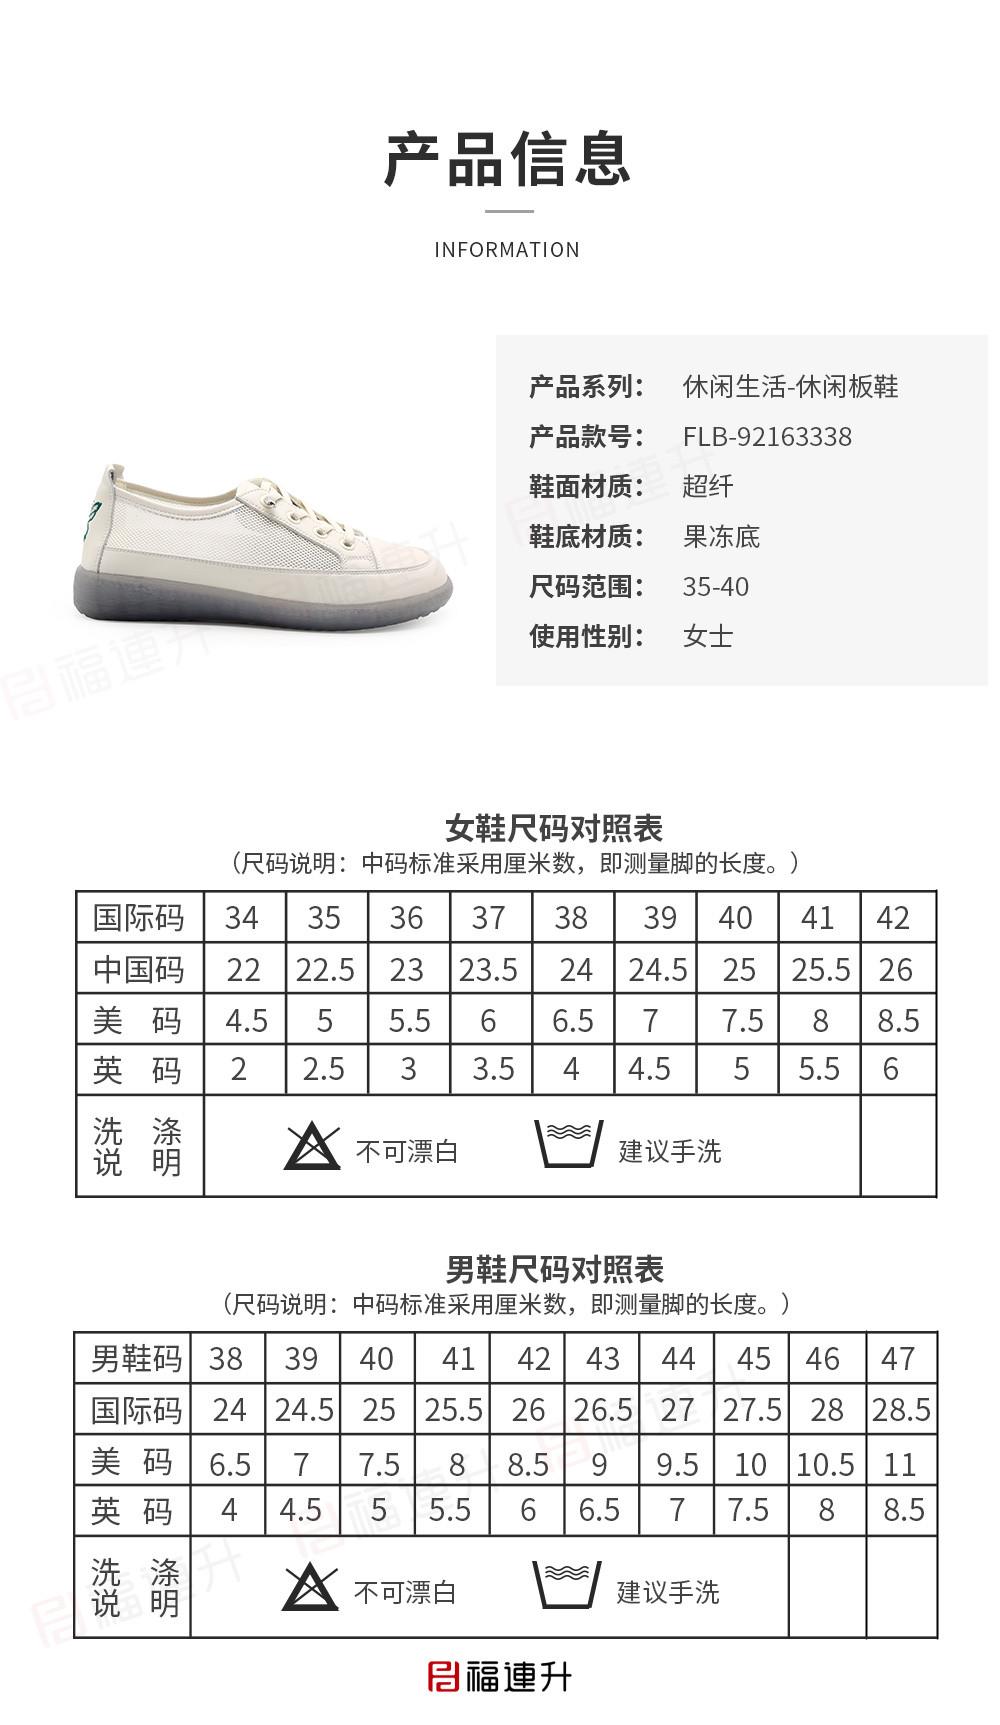 福连升休闲鞋女鞋果冻底板鞋小白鞋软底防滑豆豆鞋凉鞋图片